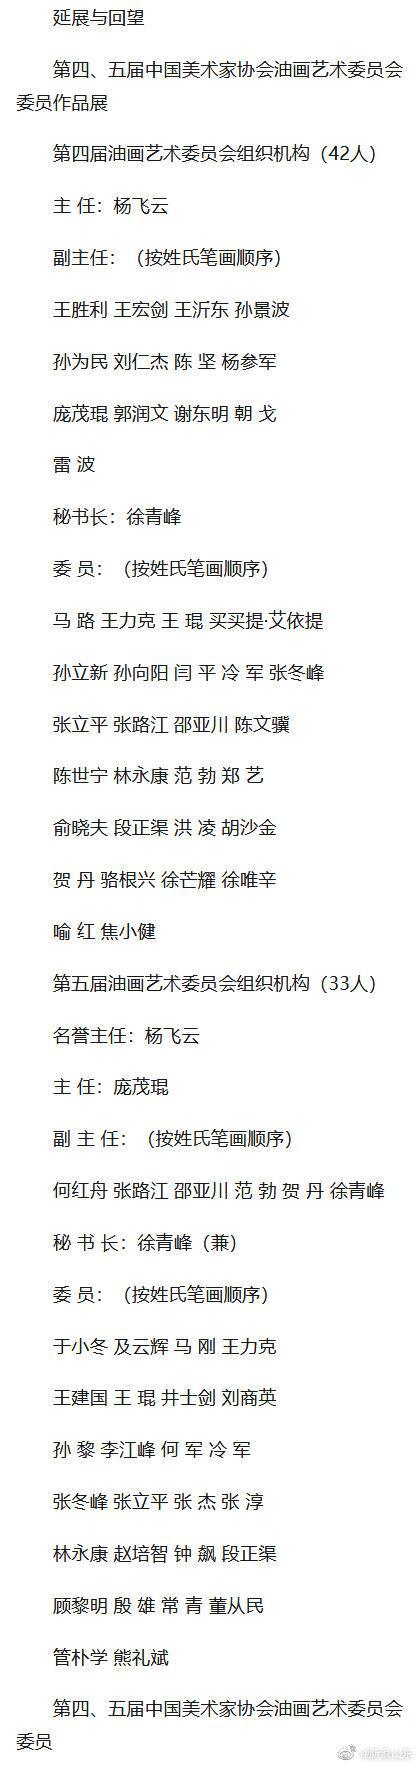 中国美协油画家作品齐聚青岛